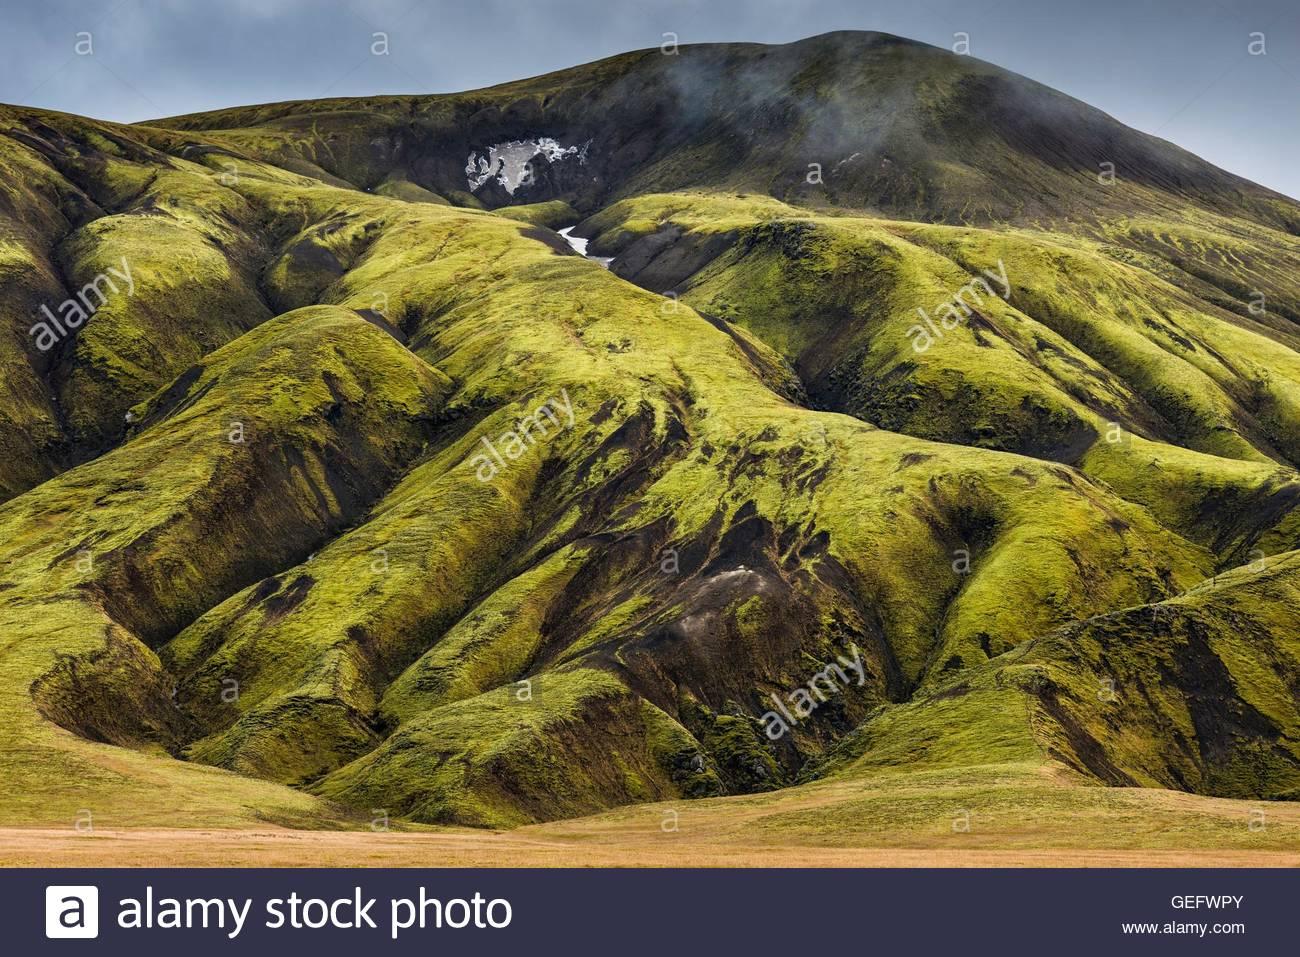 Montagnes dans la région de Landmannalaugar dans les hautes terres du centre de l'Islande Photo Stock